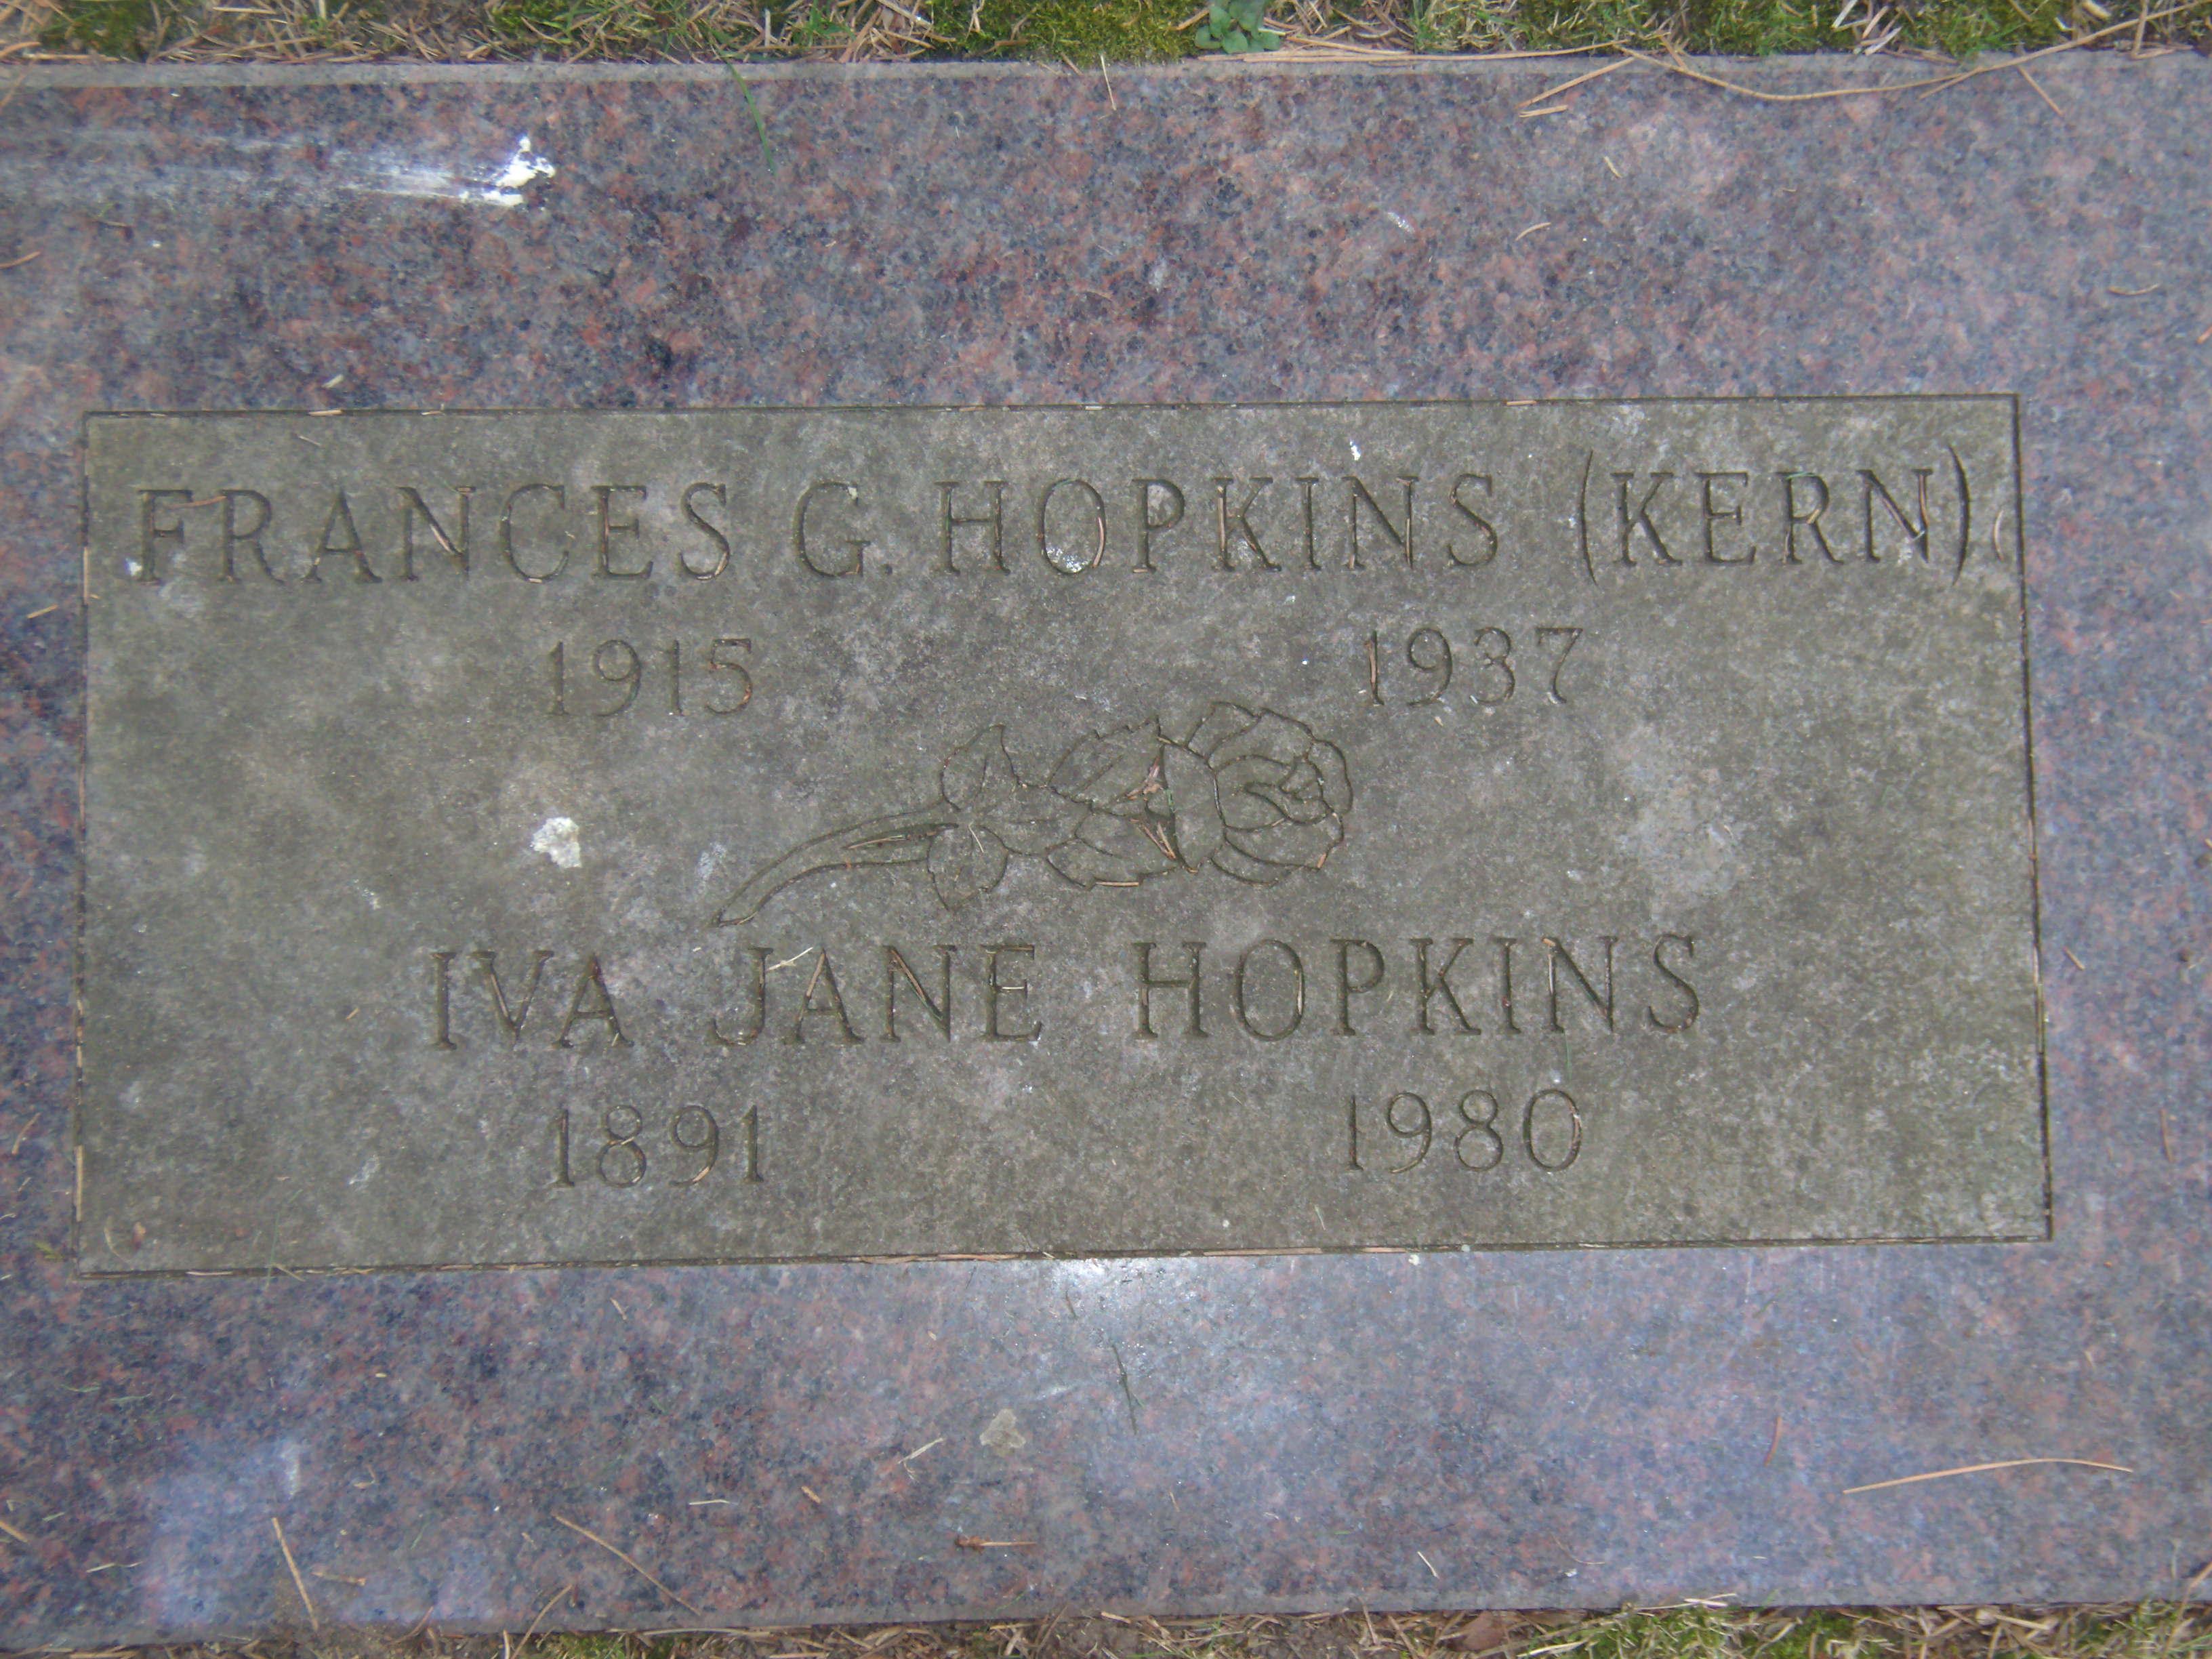 Iva Hopkins